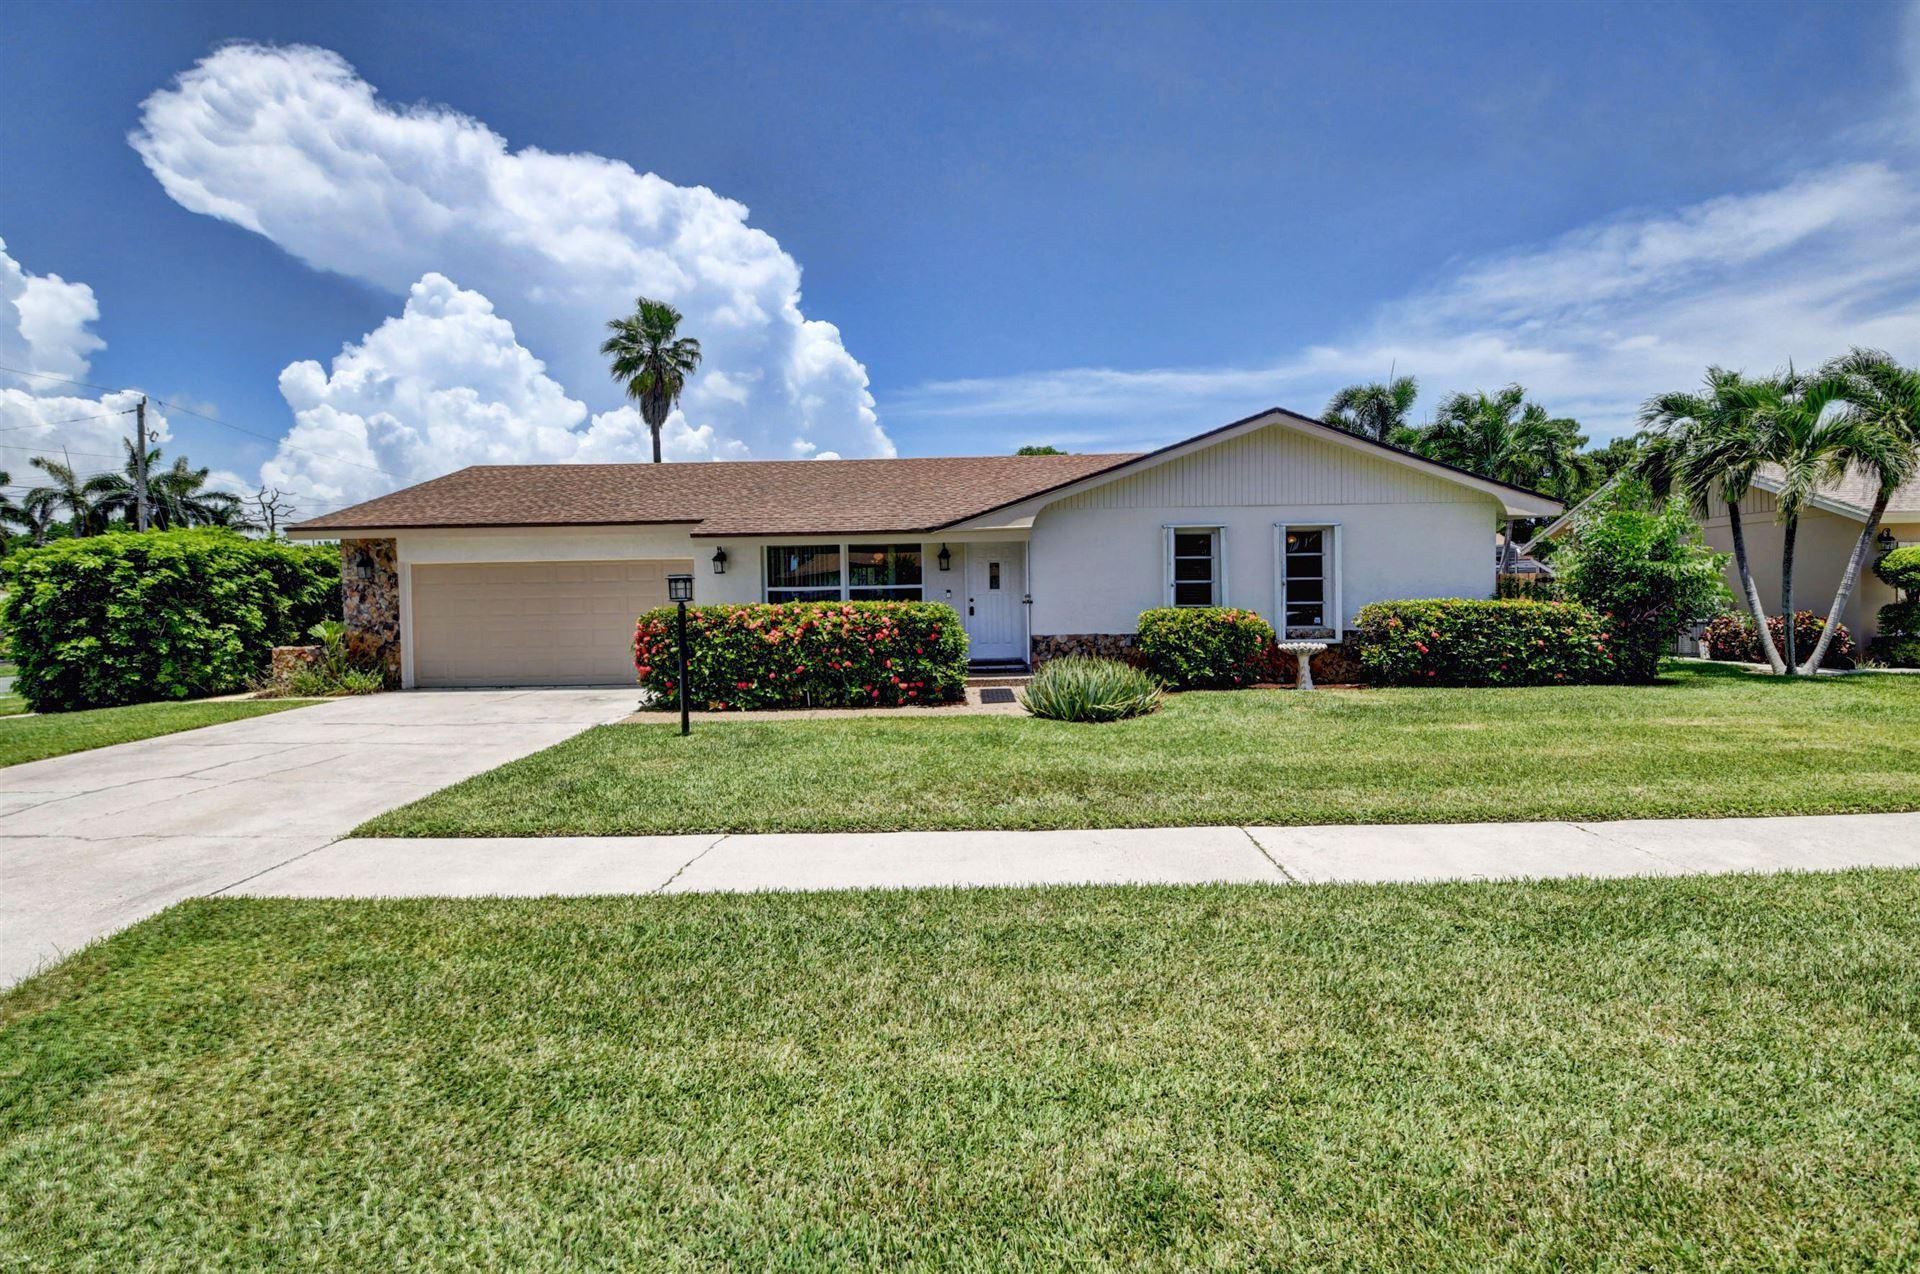 577 SW 24th Avenue, Boynton Beach, FL 33435 - MLS#: RX-10732928